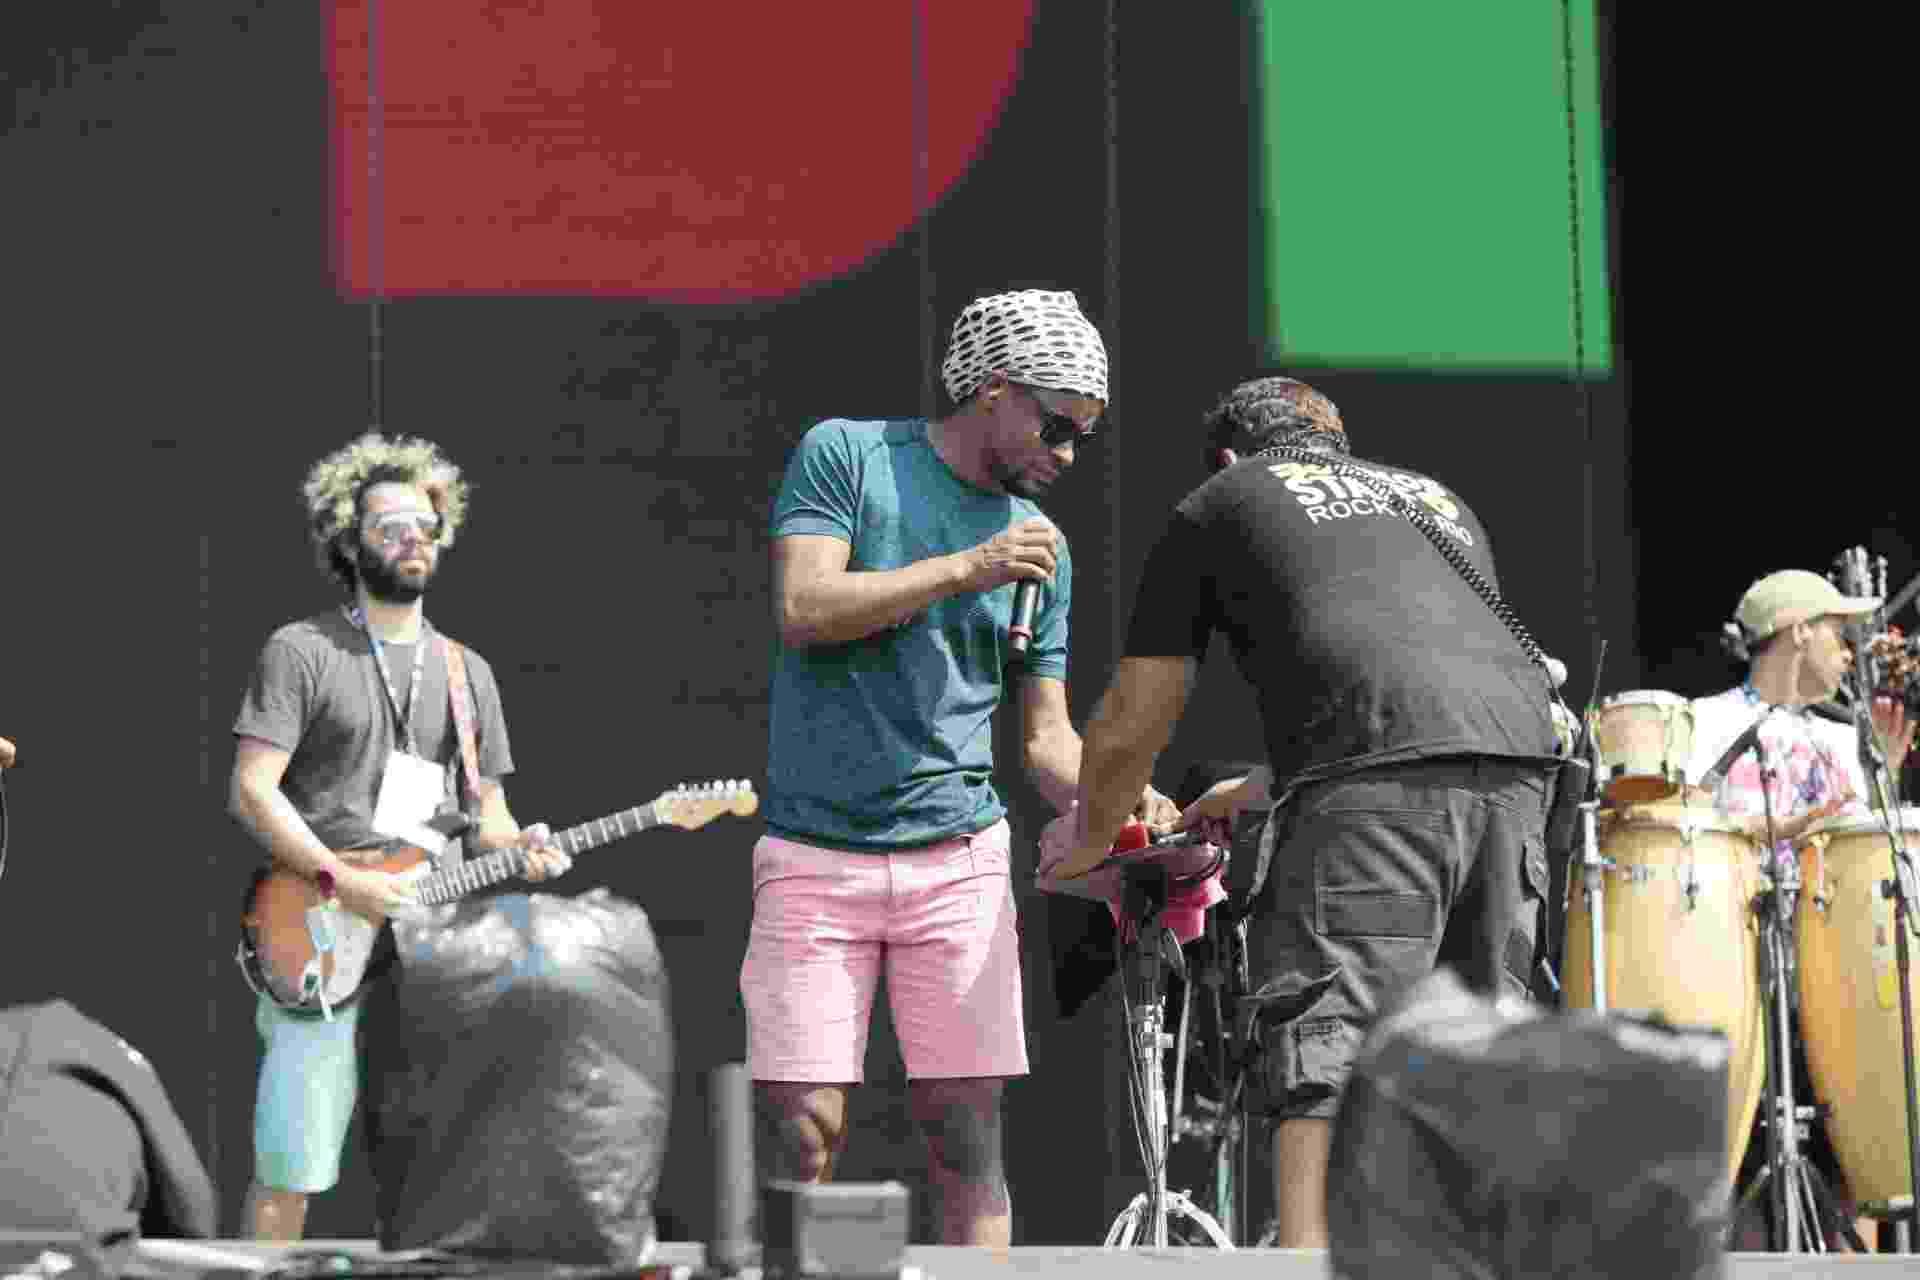 27.set.2015 - A banda Cidade Negra faz passagem de som no Palco Mundo, neste último dia de Rock in Rio - Johnson Parraguez/Foto Rio News